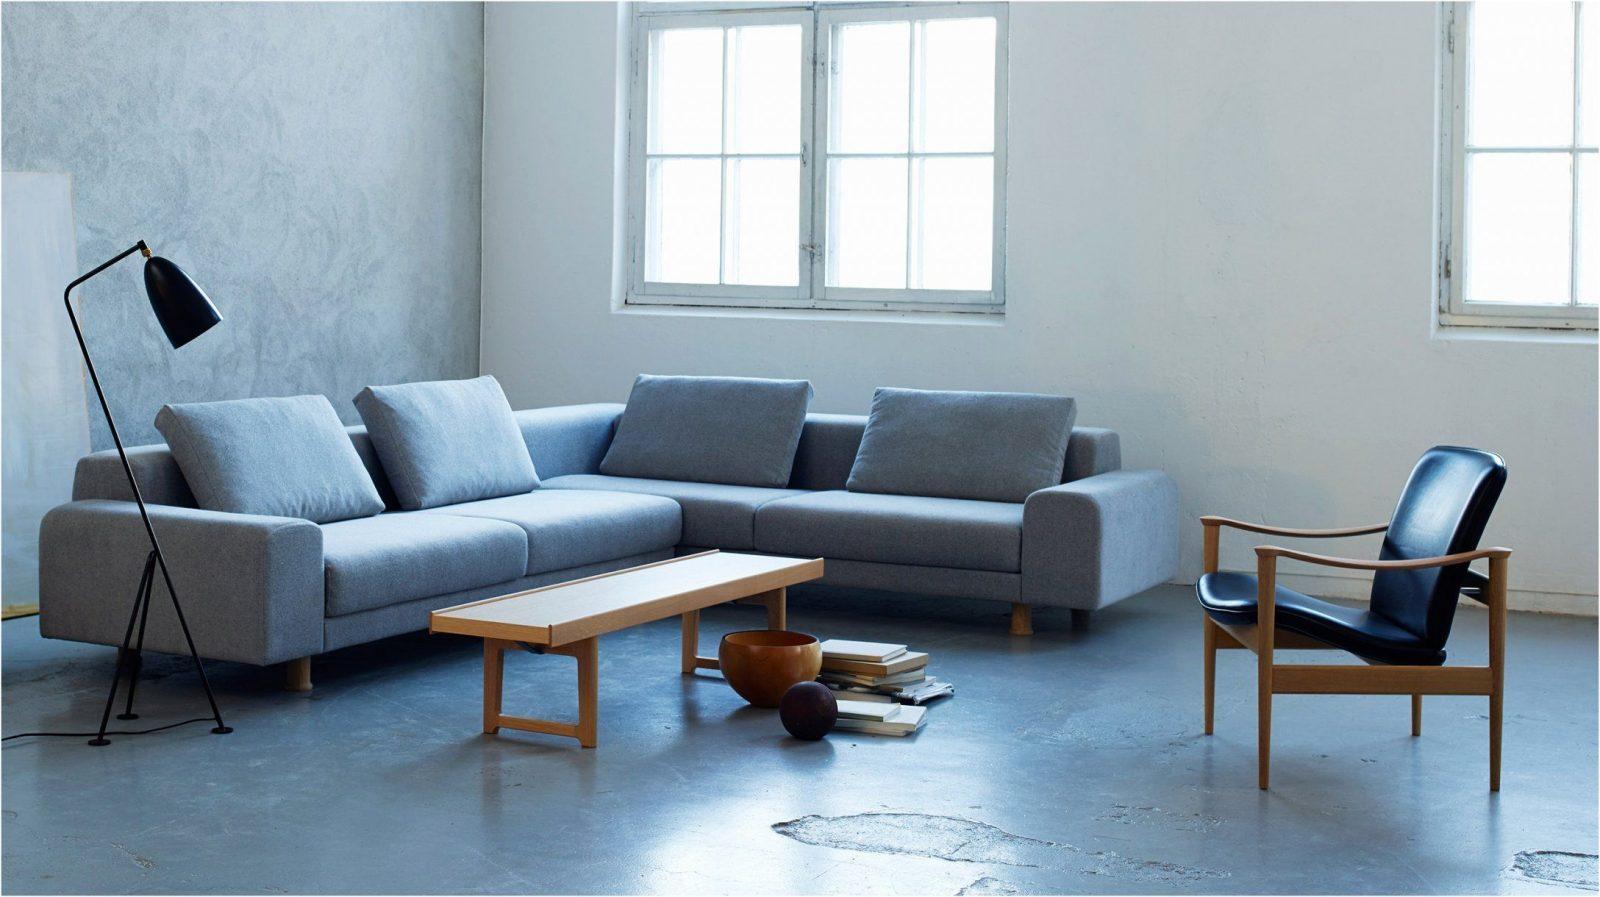 Möbel Landau Skillful Ideas Mobel As Wohnwand Möbel Erstaunlich